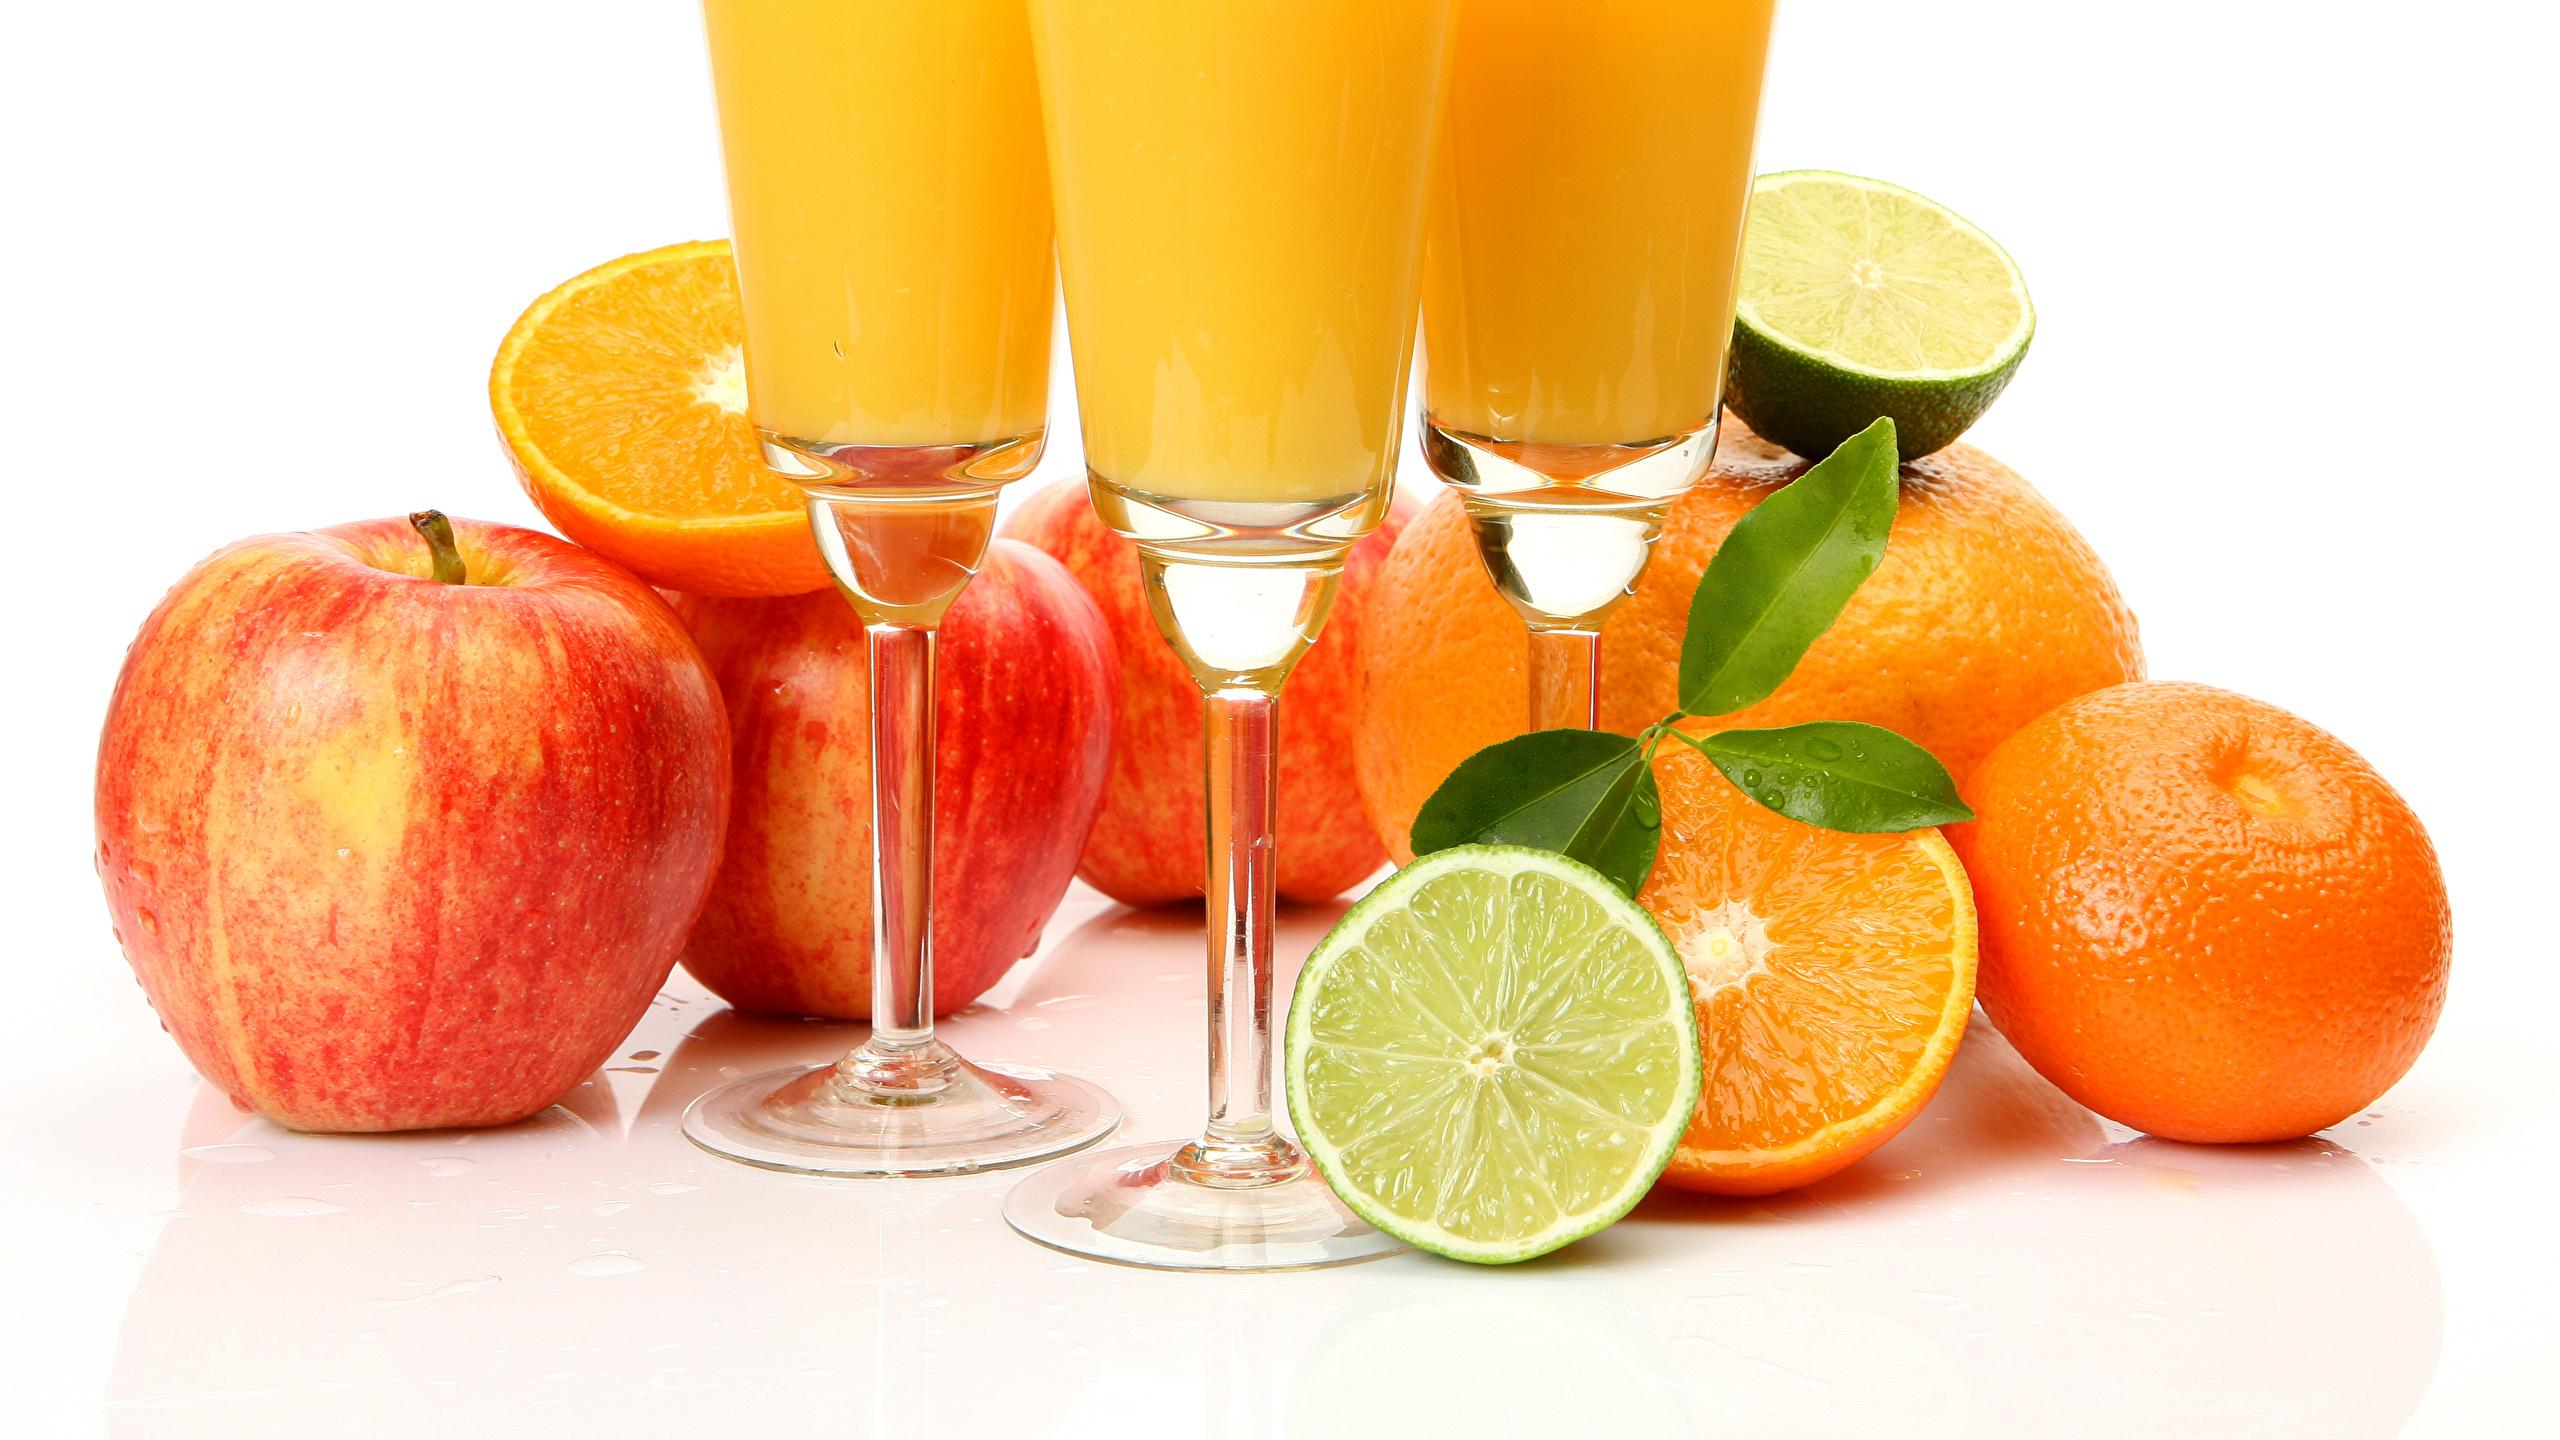 Fonds Decran 2560x1440 Boisson Jus Pommes Citrons